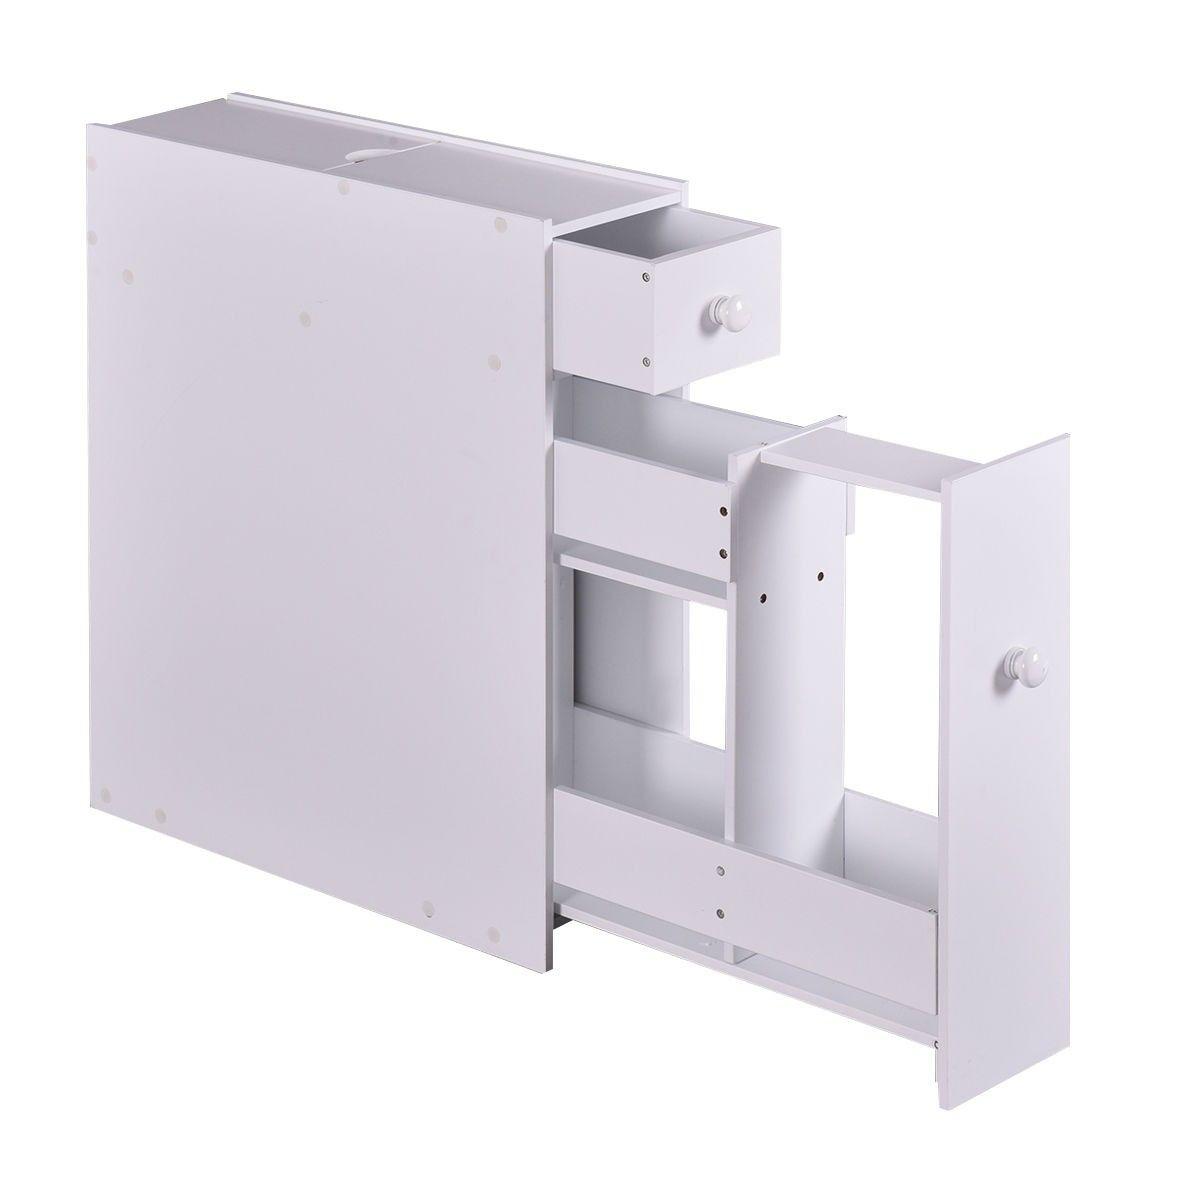 Bathroom Cabinet Space Saver Storage Organizer Bathroom Floor Cabinets Wood Floor Bathroom Wood Storage Cabinets